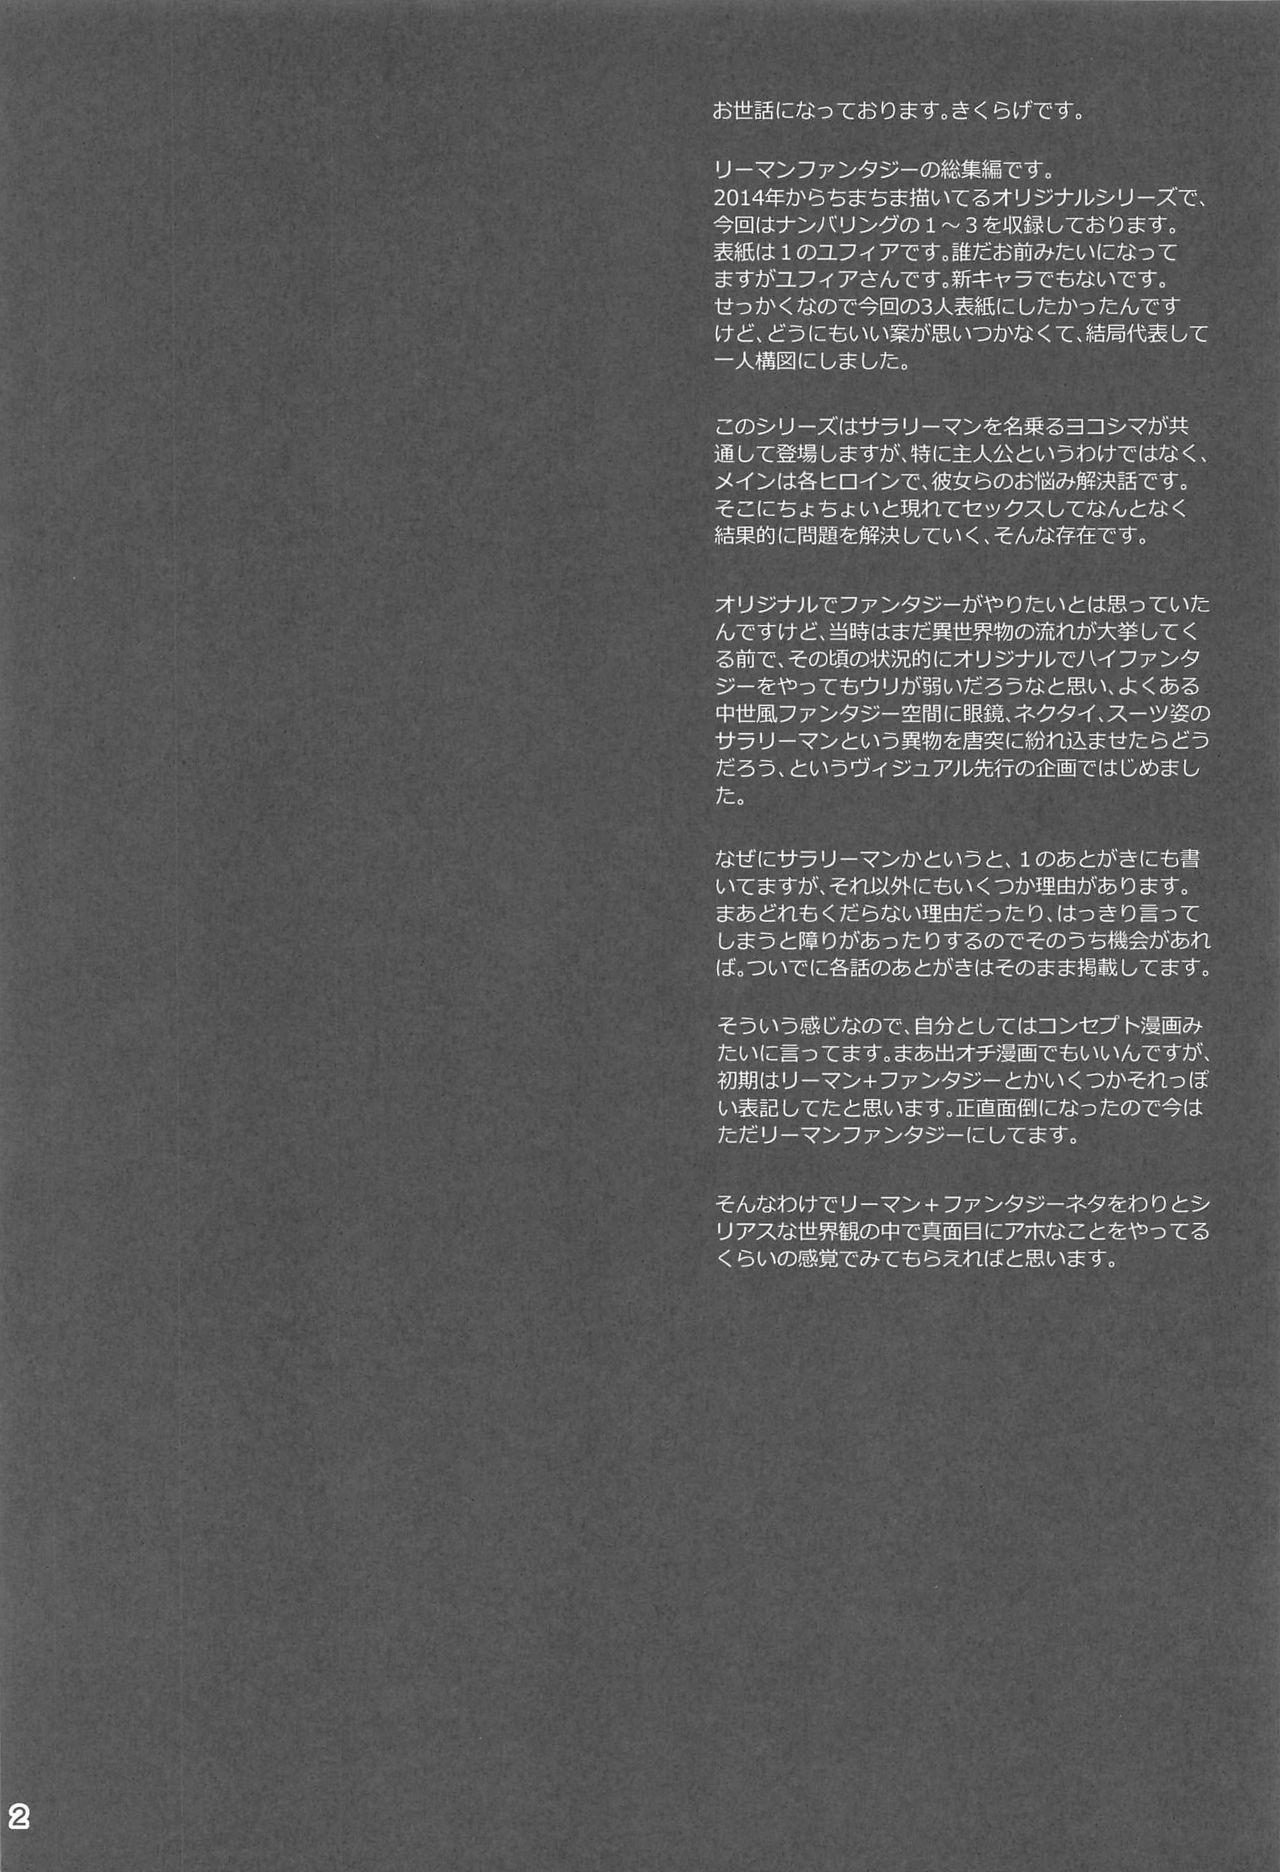 Ryman Fantasy Kuro no Ryman Soushuuhen 2